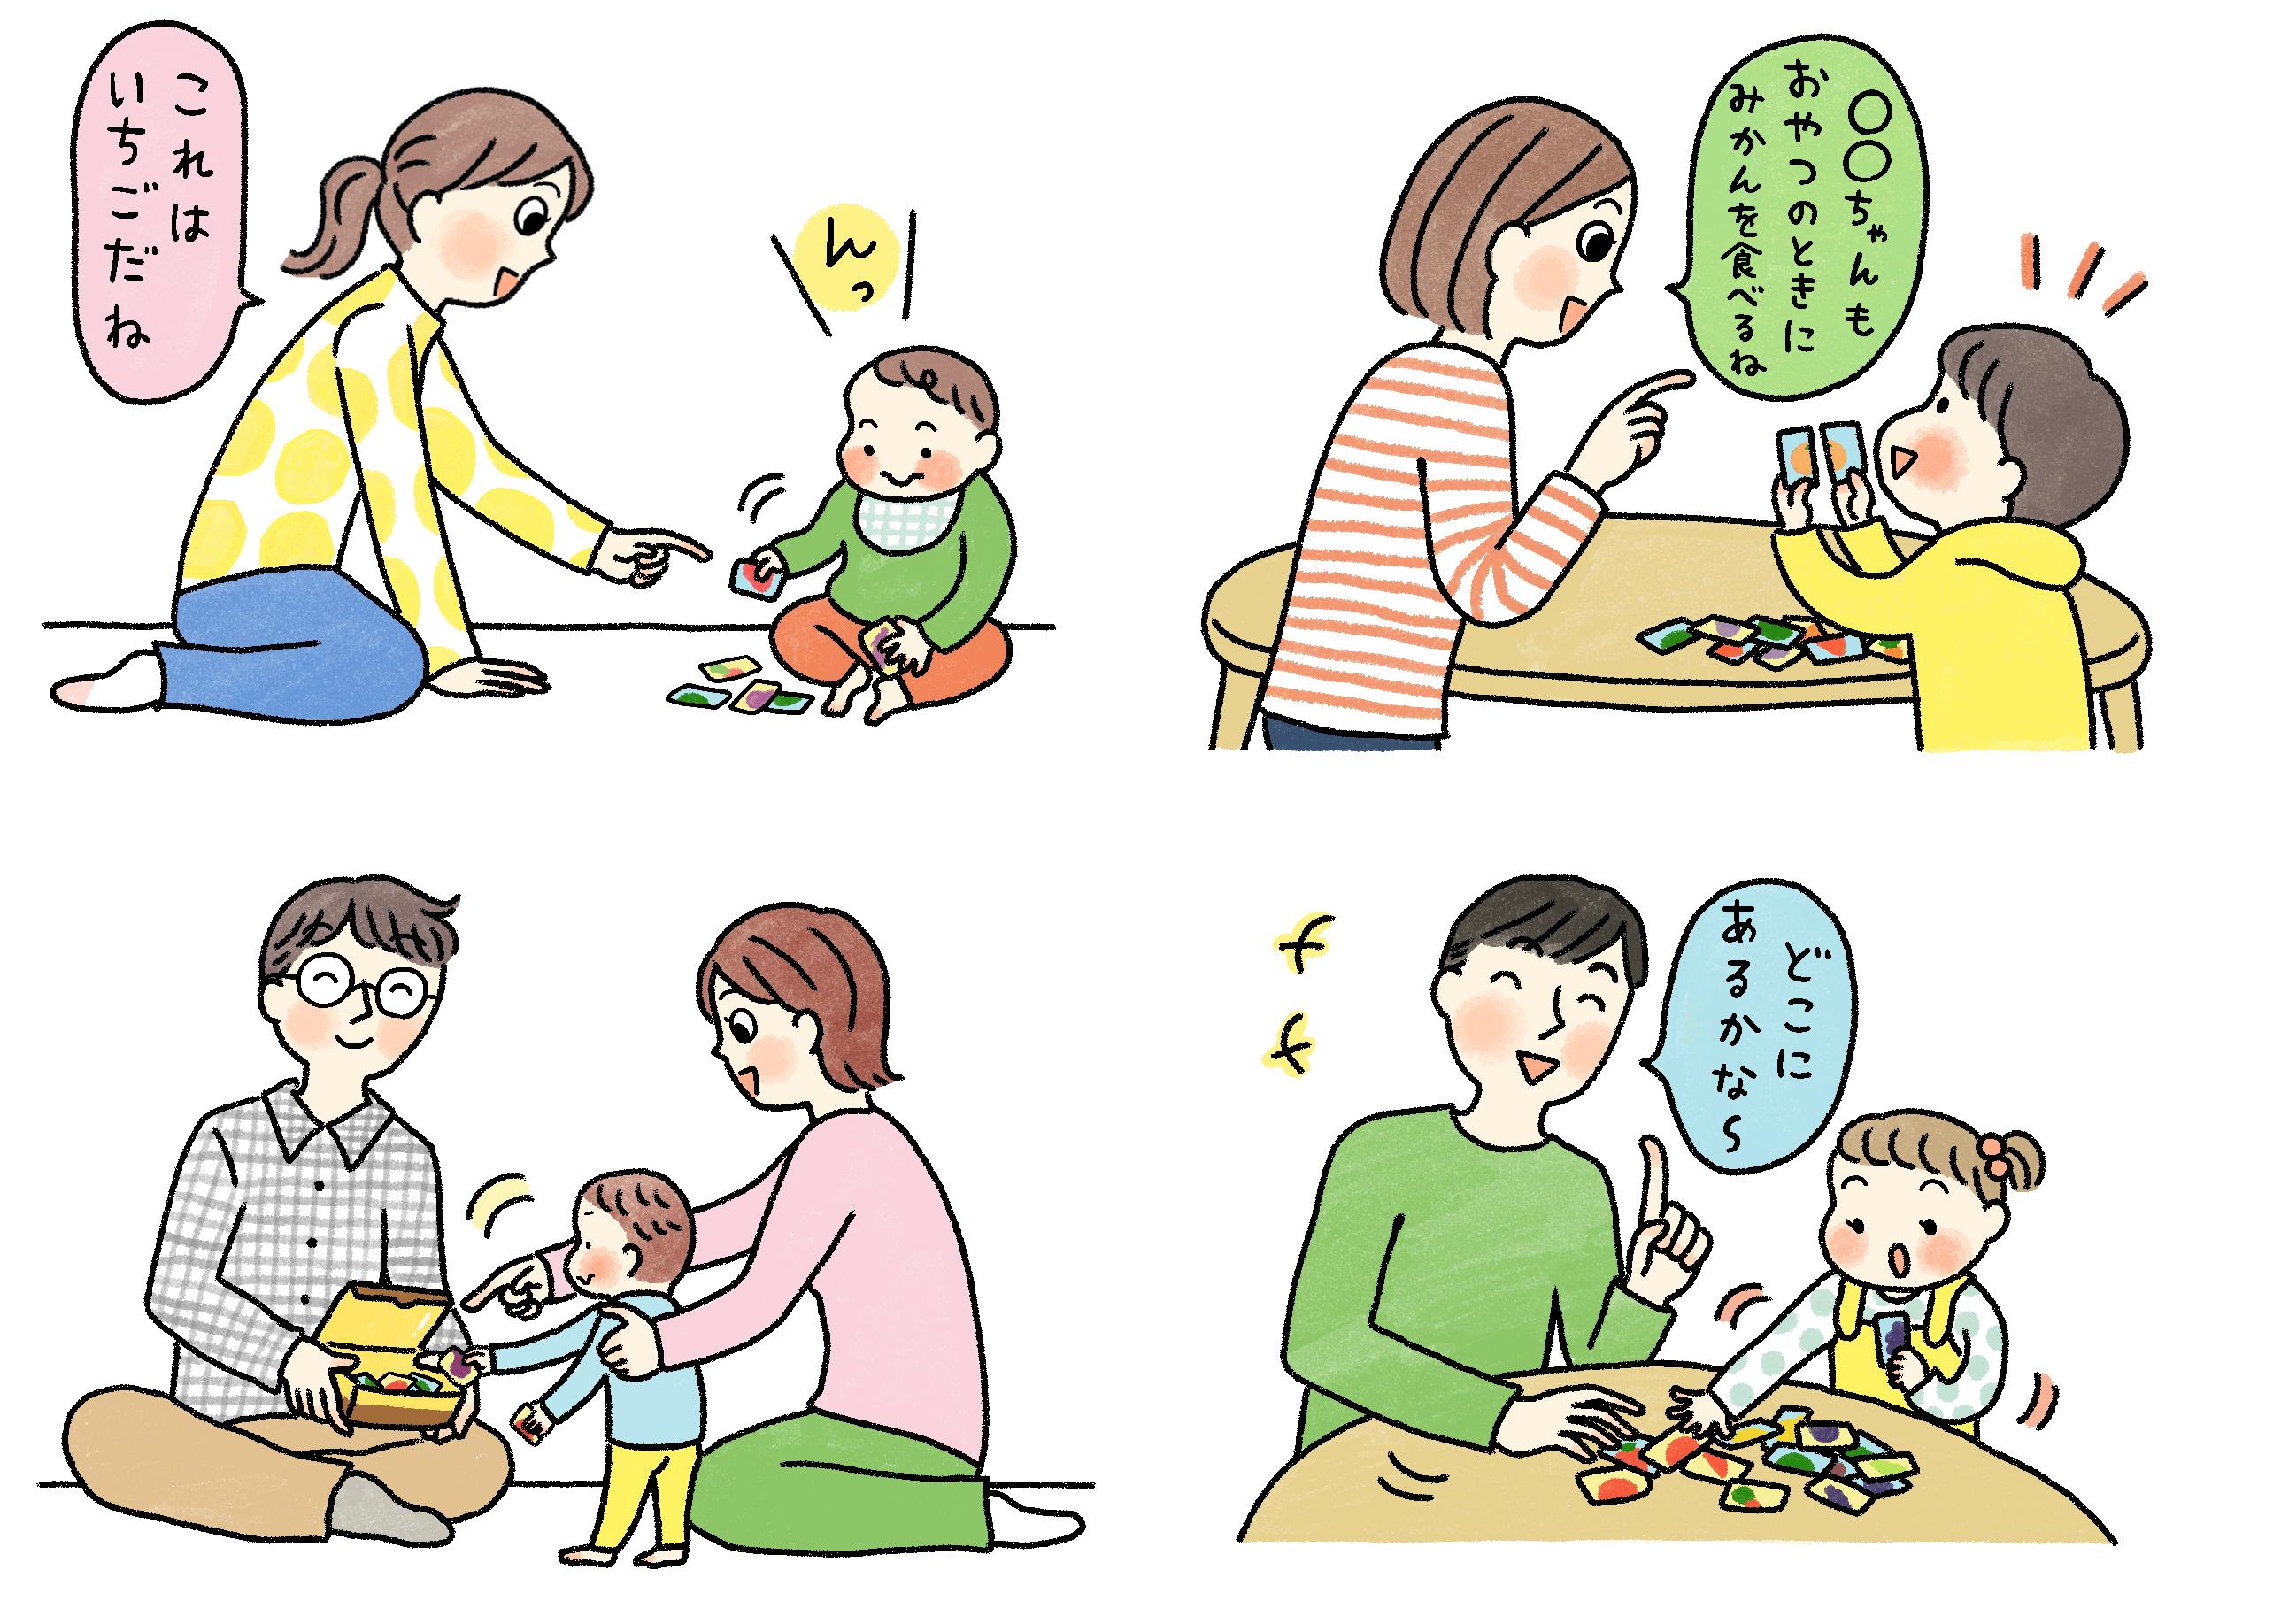 「1才2才のひよこクラブ」2019年秋夏号 絵合わせカード遊び方イラスト<Ben